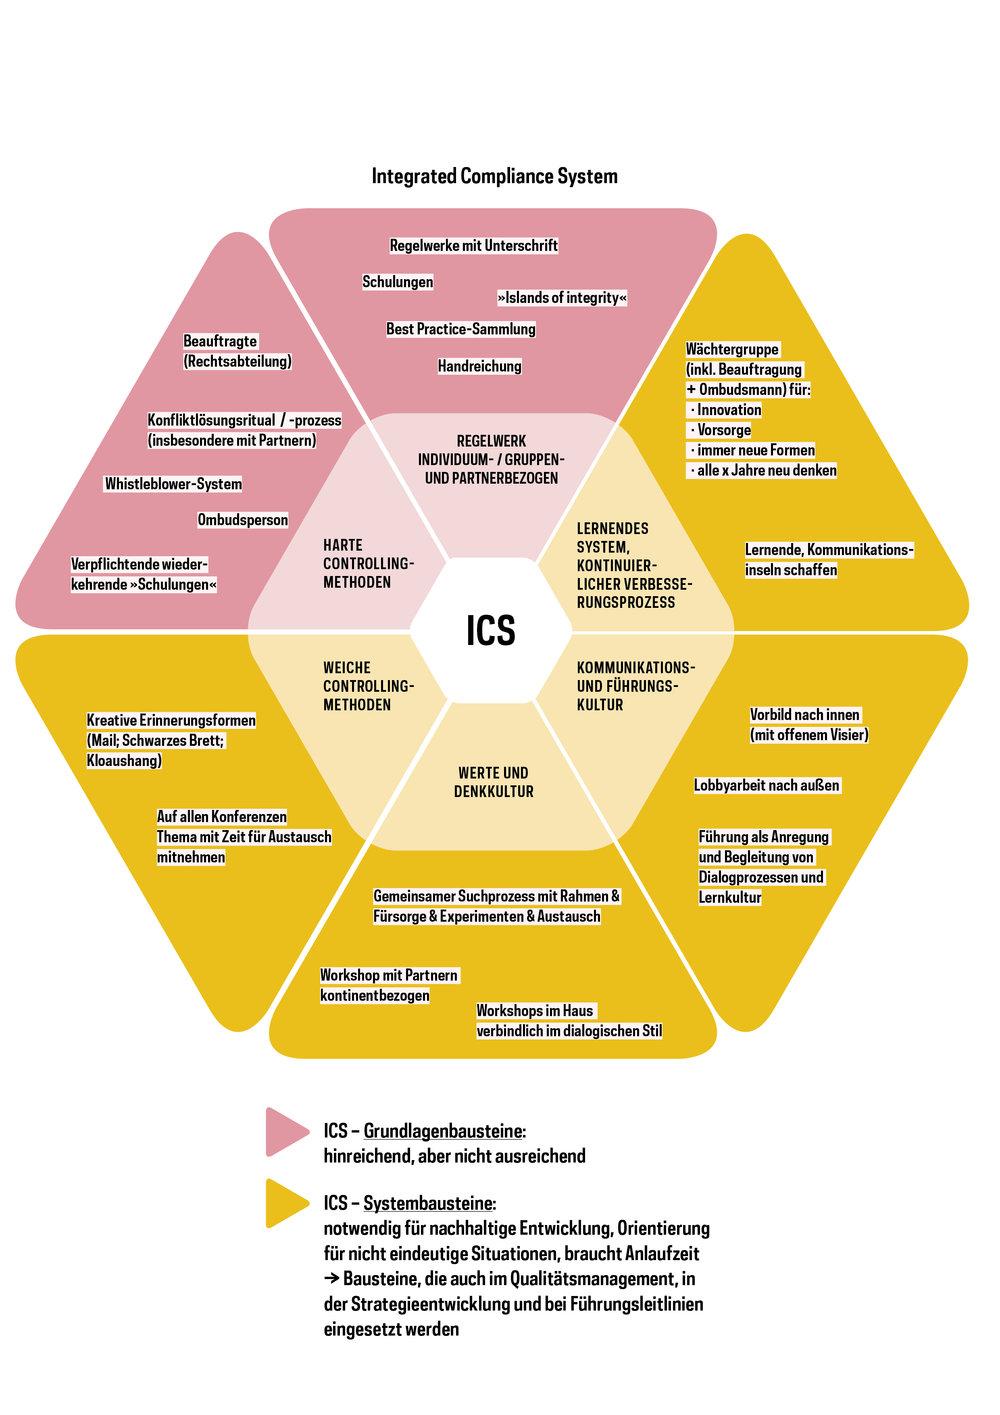 »Integrated Compliance System«  INFOGRAFIK // Brot für die Welt // Grafische Darstellung der ICS Grundlagen- und Systembausteine